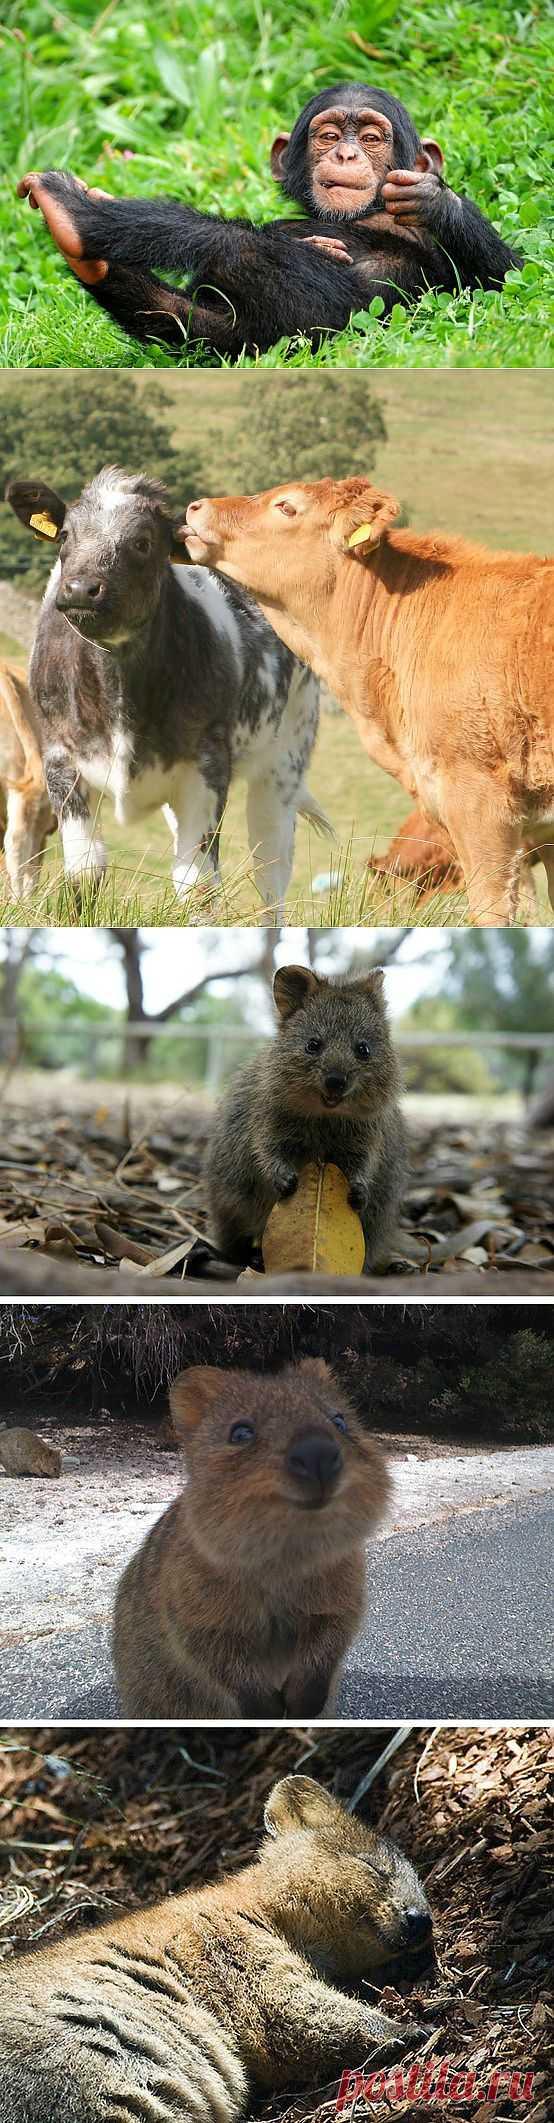 Факты о животных, которые поднимут вам настроение : НОВОСТИ В ФОТОГРАФИЯХ